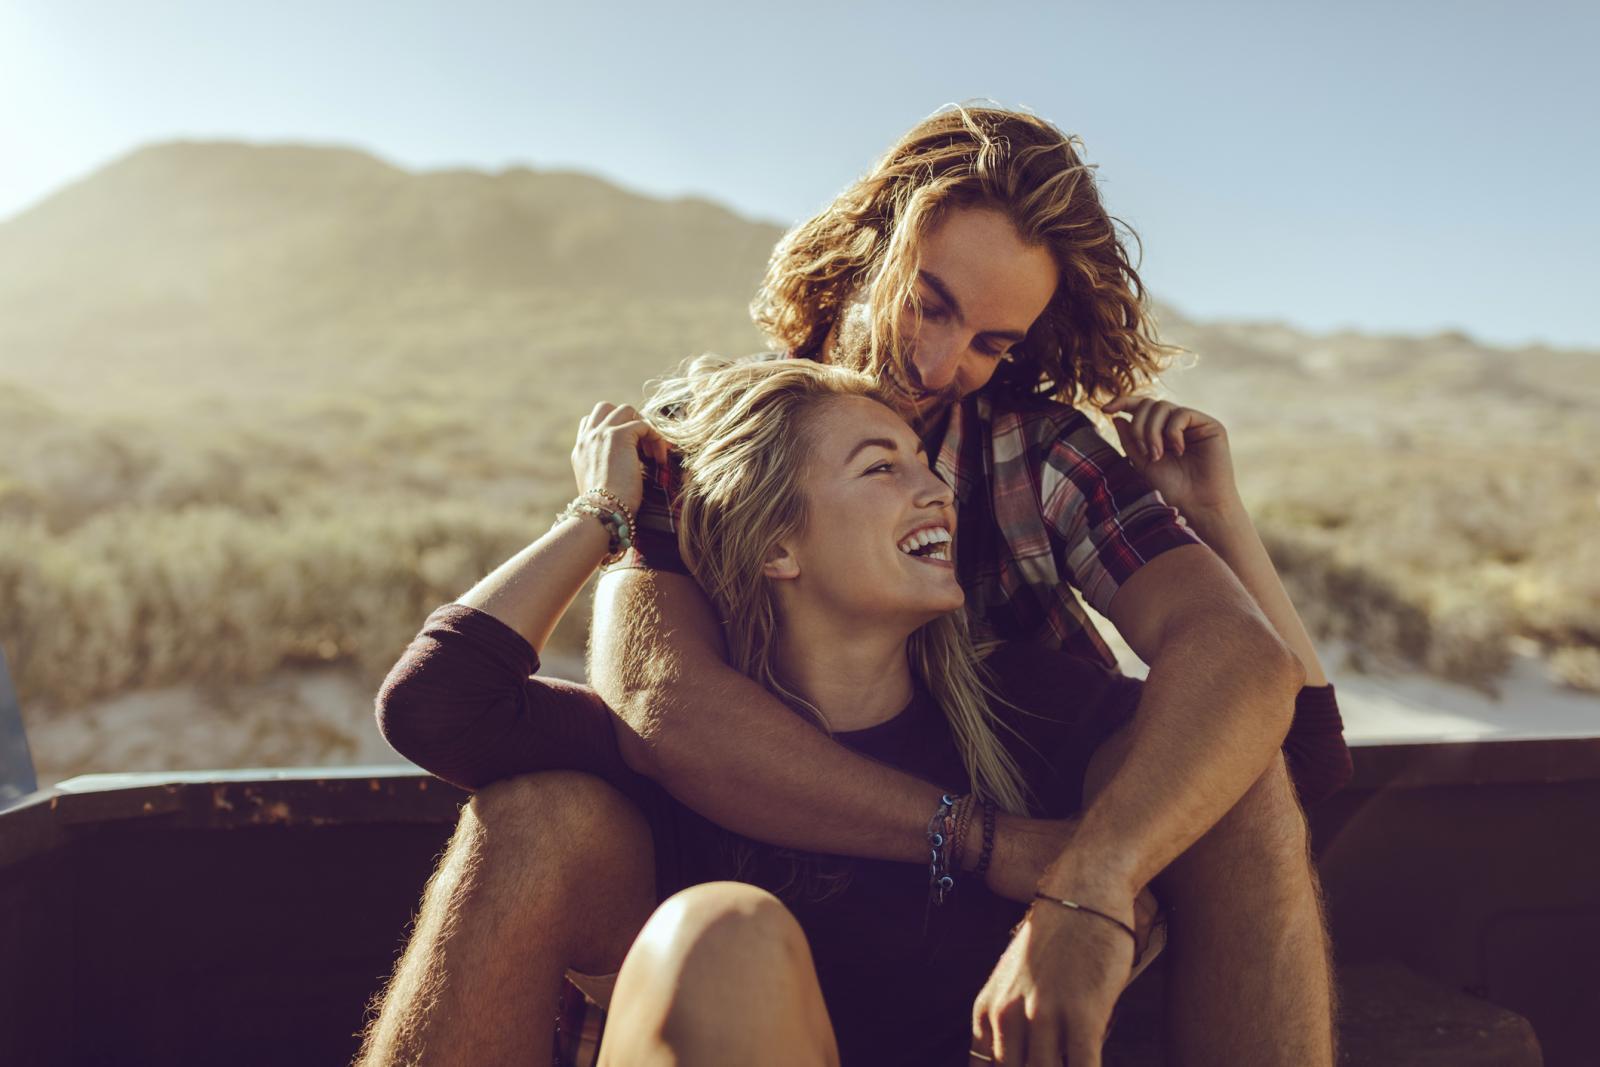 Teško je biti s osobom koja samo traži, traži, traži... a sebe ne vidi.